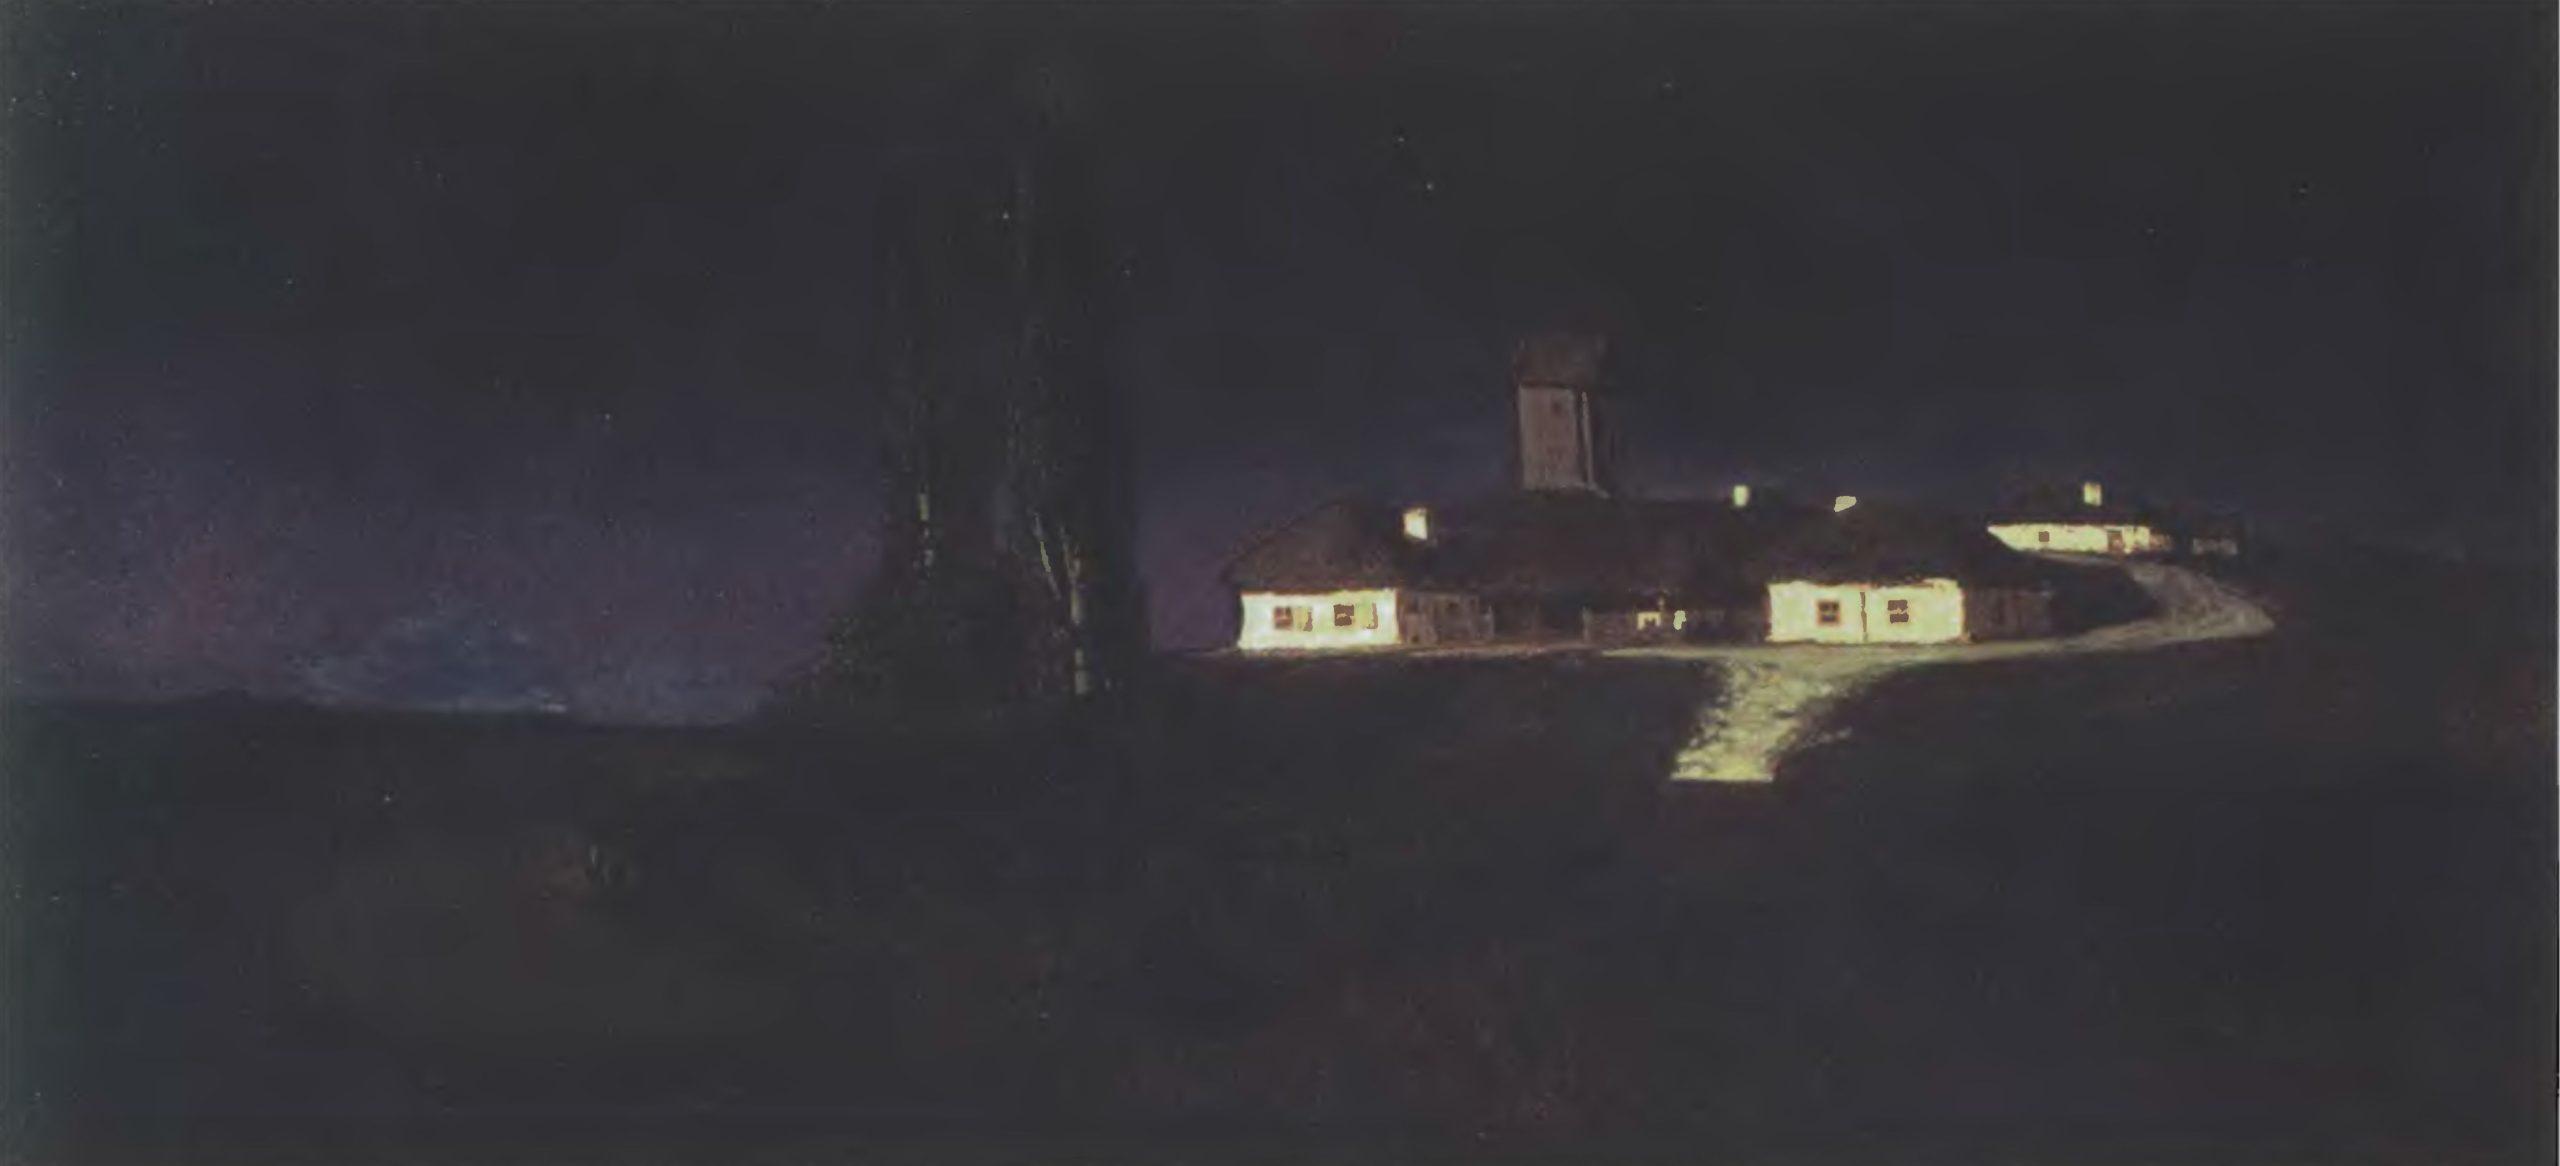 АРХИП КУИНДЖИ. Украинская ночь. 1876. Холст, масло. 79 х 162 см. Государственная Третьяковская галерея